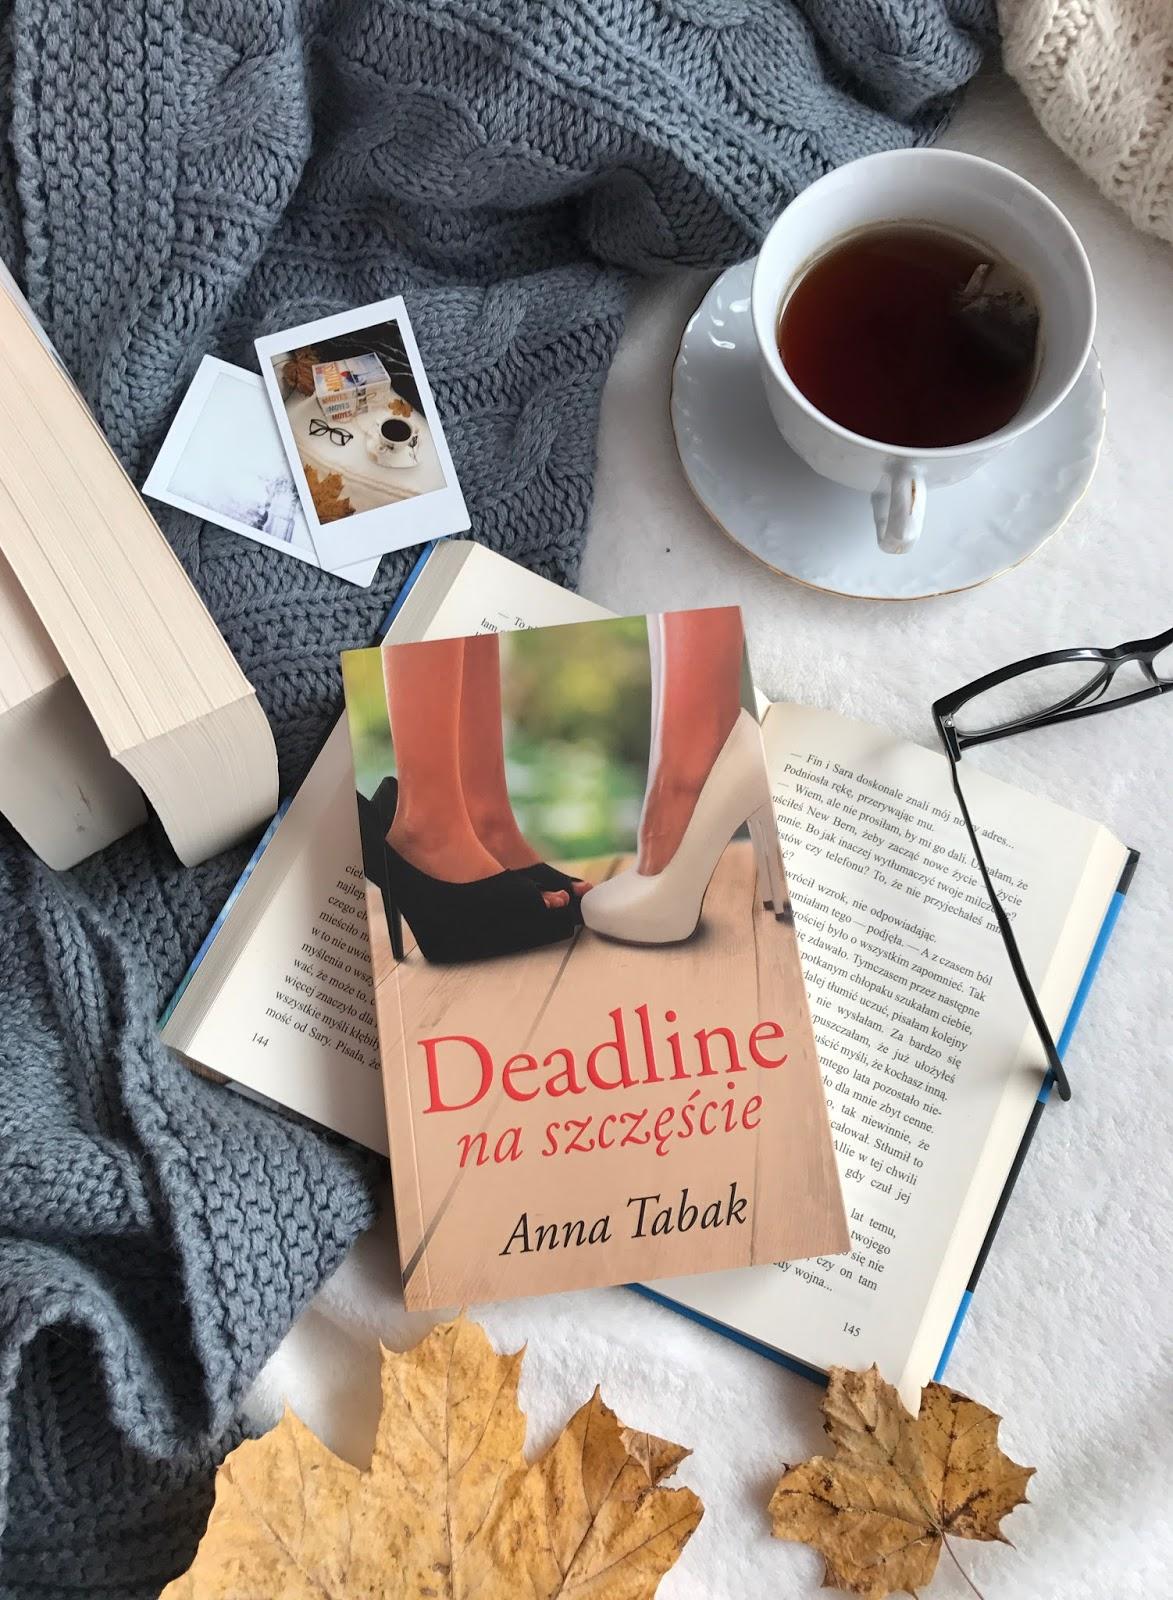 Anna Tabak, Deadline na szczęście